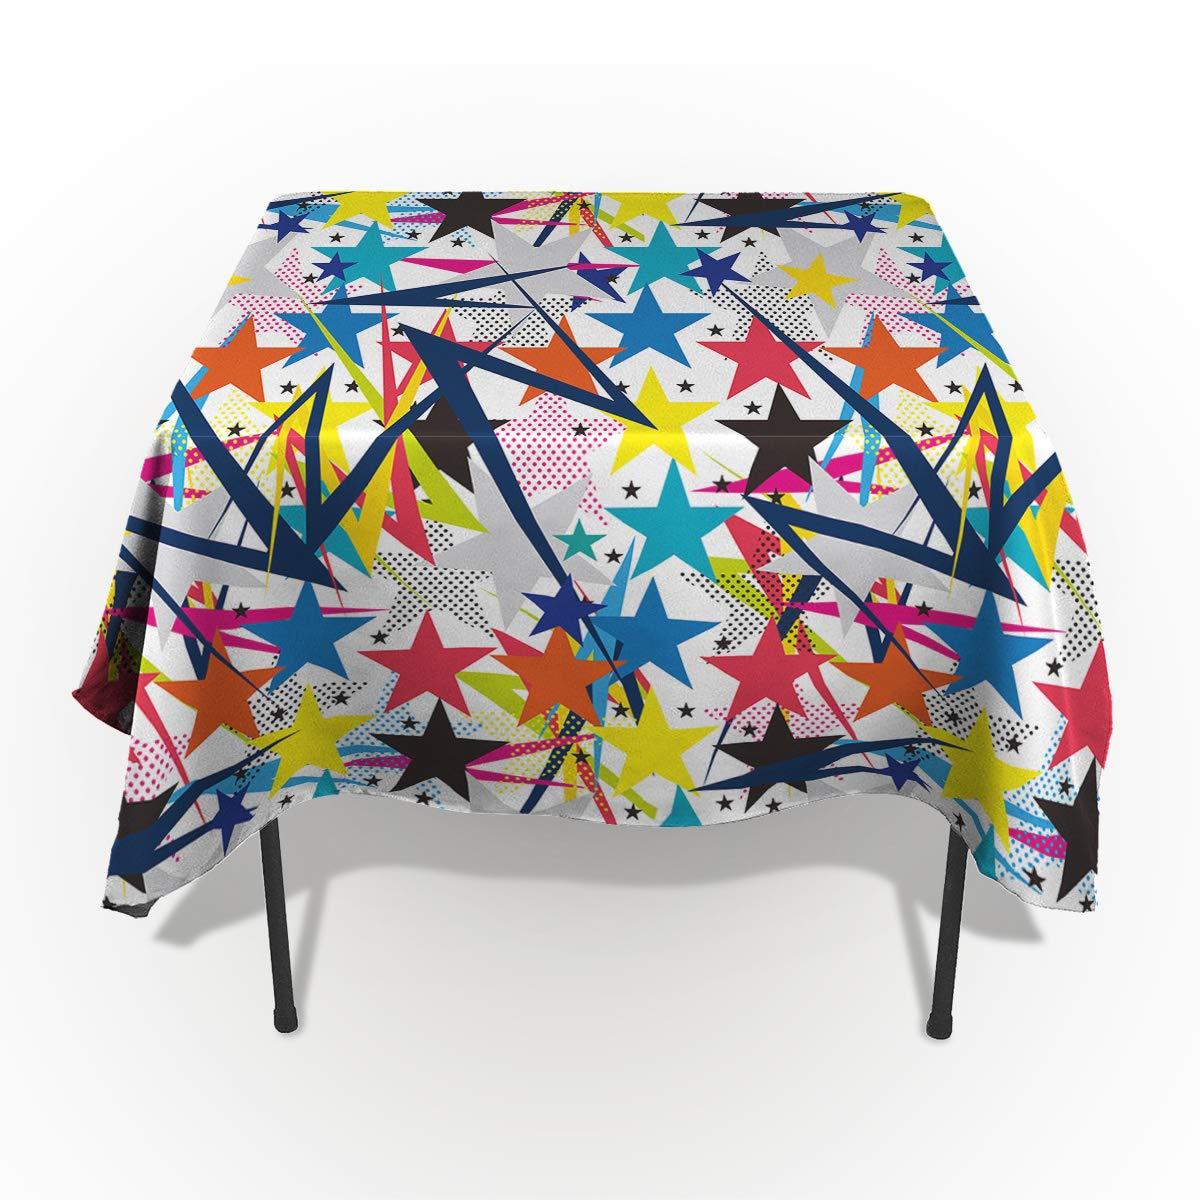 Fantasy Star 長方形ポリエステルテーブルクロス マルチカラー 幾何学模様 三角形テーブルクロス 洗濯機洗い可能 テーブルカバー 装飾テーブルクロス キッチン ダイニング 宴会 パーティー用 54